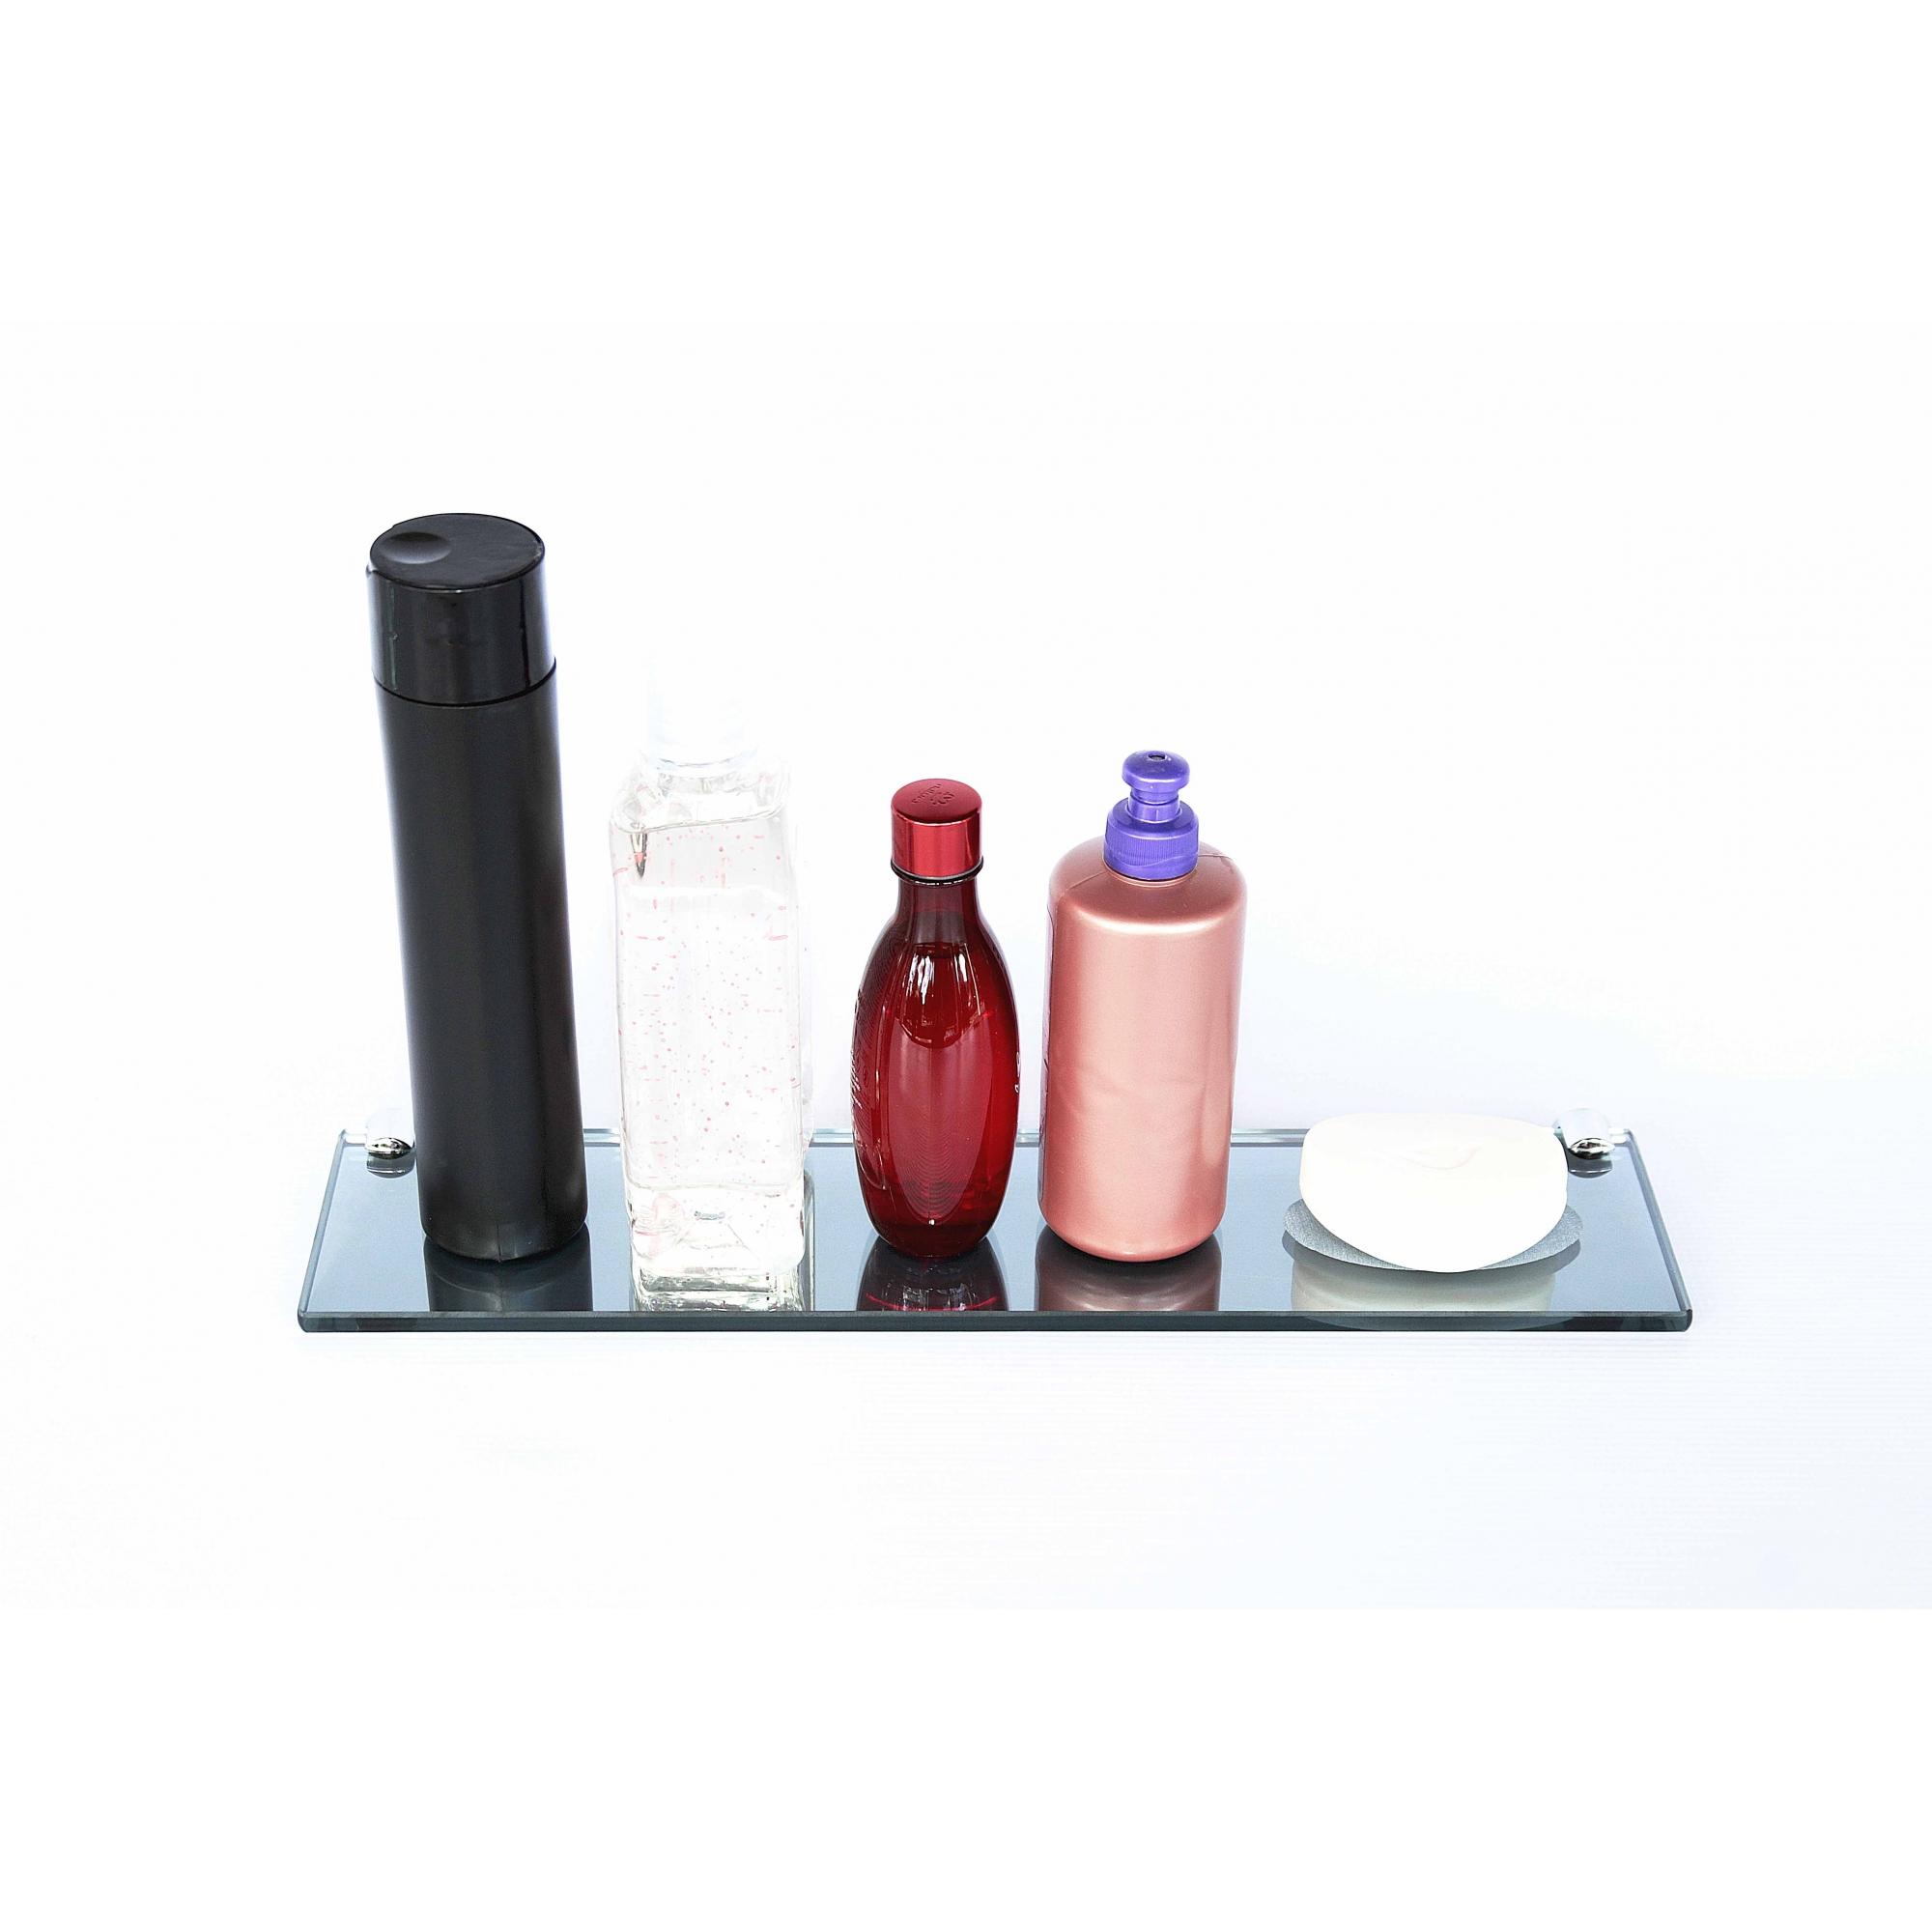 Porta Shampoo Reto Rebaixo para Sabonete em Vidro Refletivo Lapidado - Aquabox  - 40cmx9cmx8mm